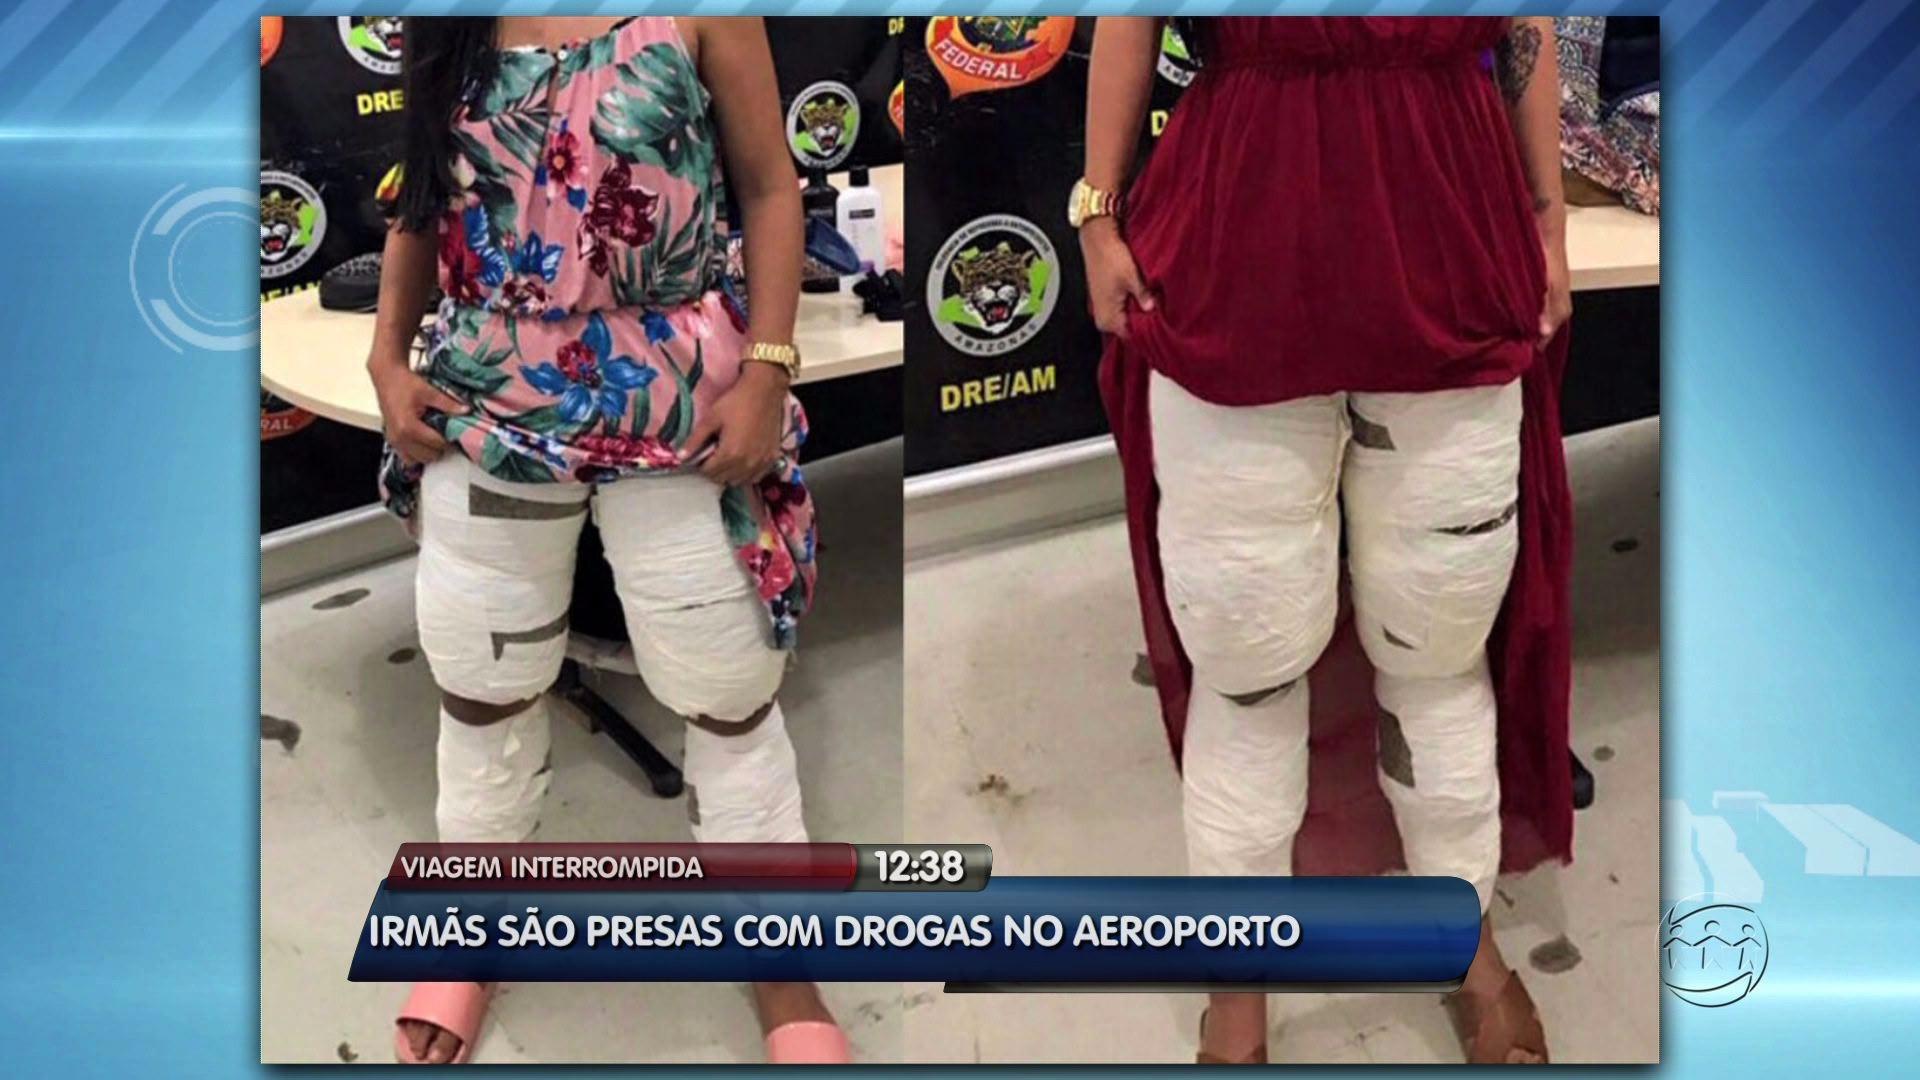 ''DEU RUIM'': IRMÃS COLAM DROGAS NO CORPO E SÃO PRESAS NO AEROPORTO - ALÔ AMAZONAS - 30/03/2017 - Alô Amazonas 30/03/2017